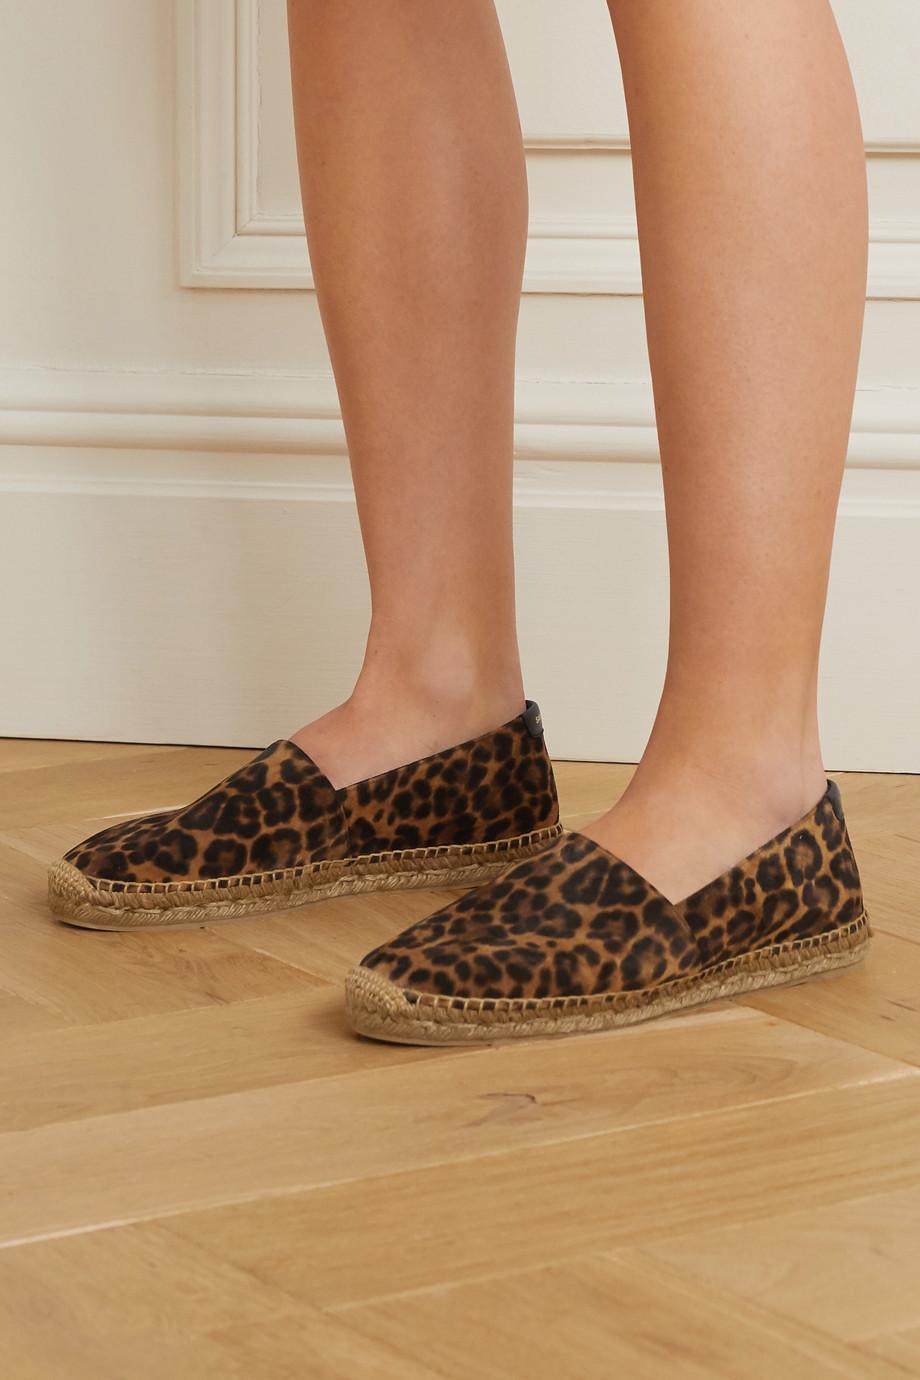 SAINT LAURENT 豹纹绒面革麻底鞋